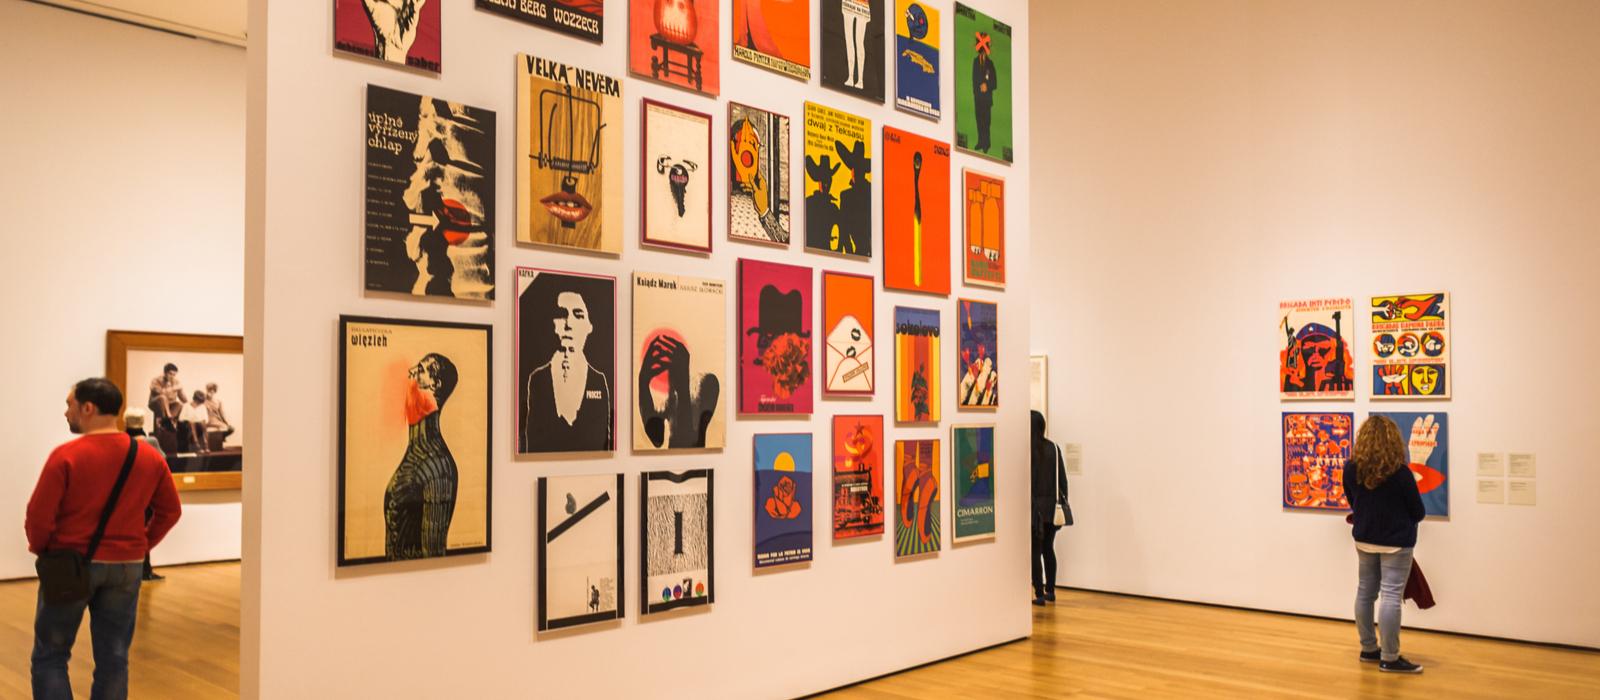 Relaciones entre imagen y palabra   Joseph Kosuth – René Magritte